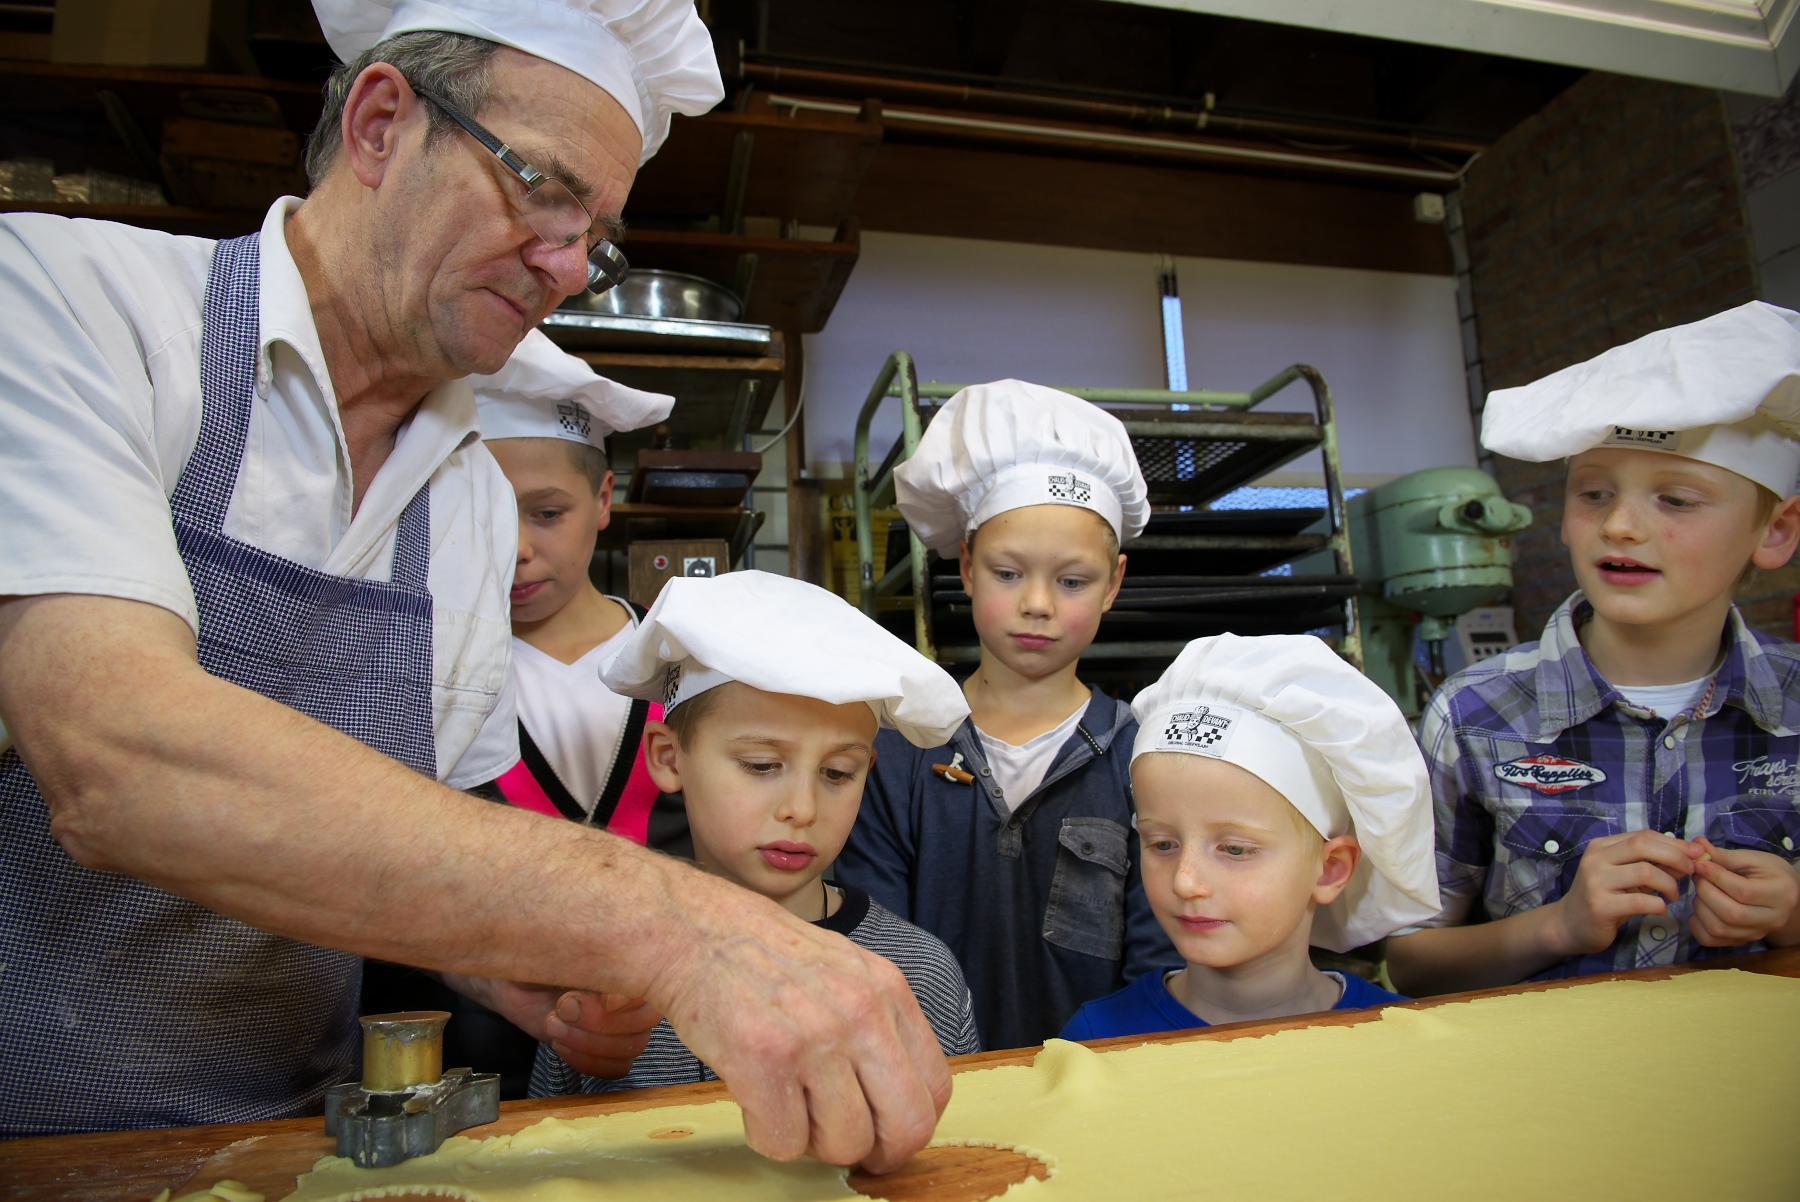 Bakkerijmuseum in Medemblik hoopt op 10.000 euro ANWB Fonds om 'Het lekkerste museum voor iedereen' te worden